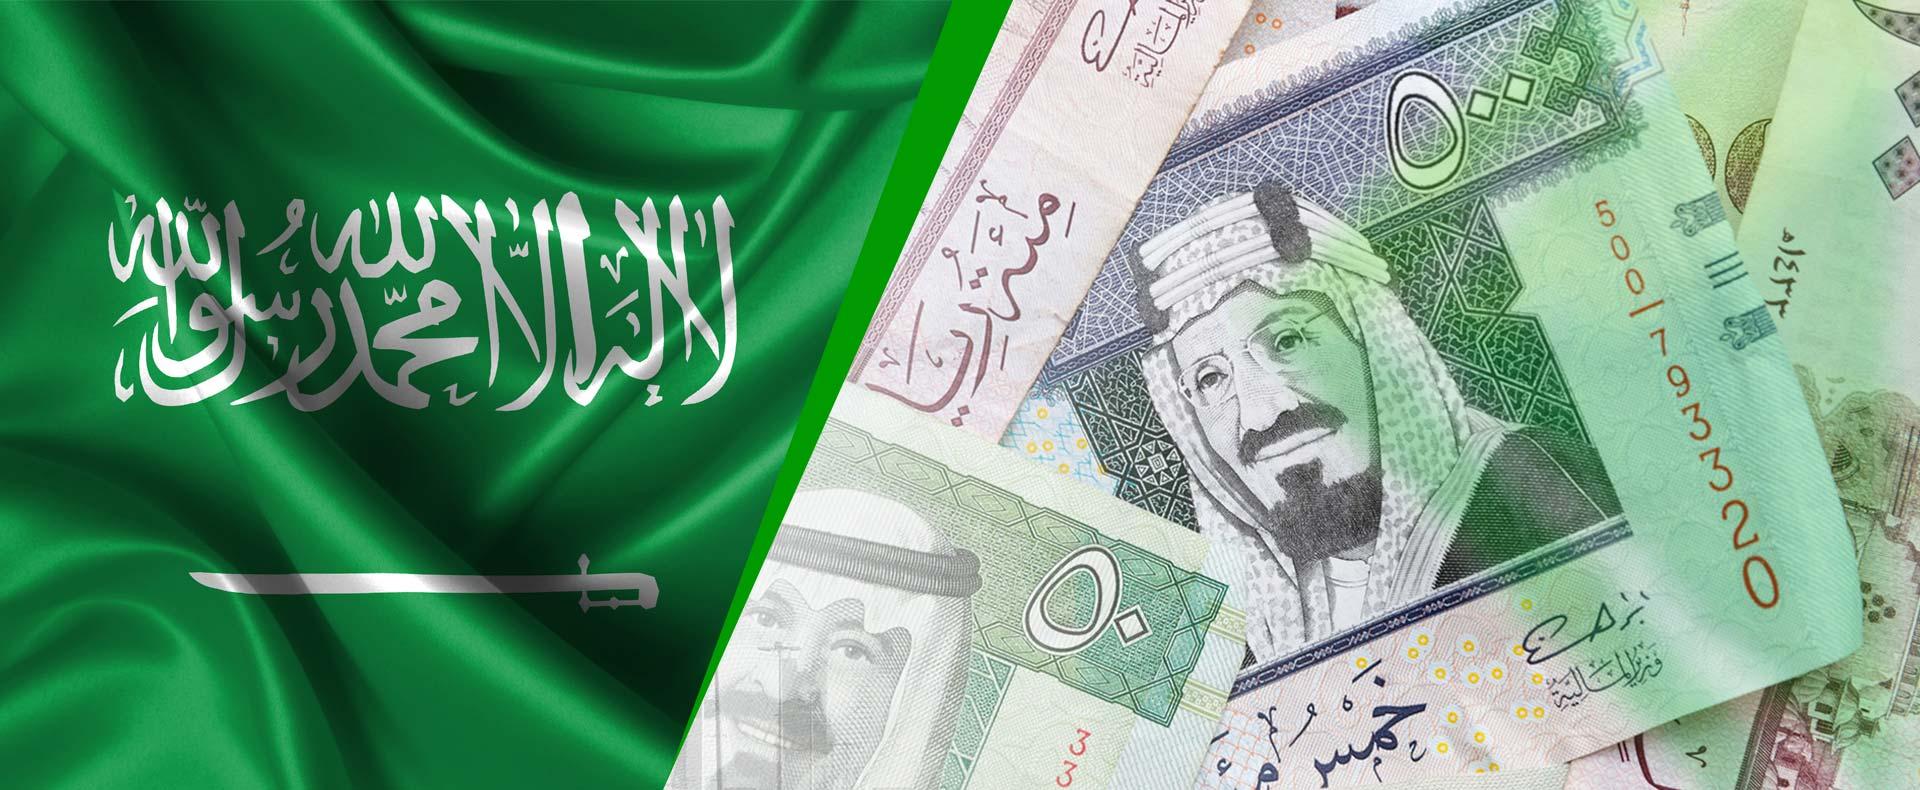 شركة سداد في جدة